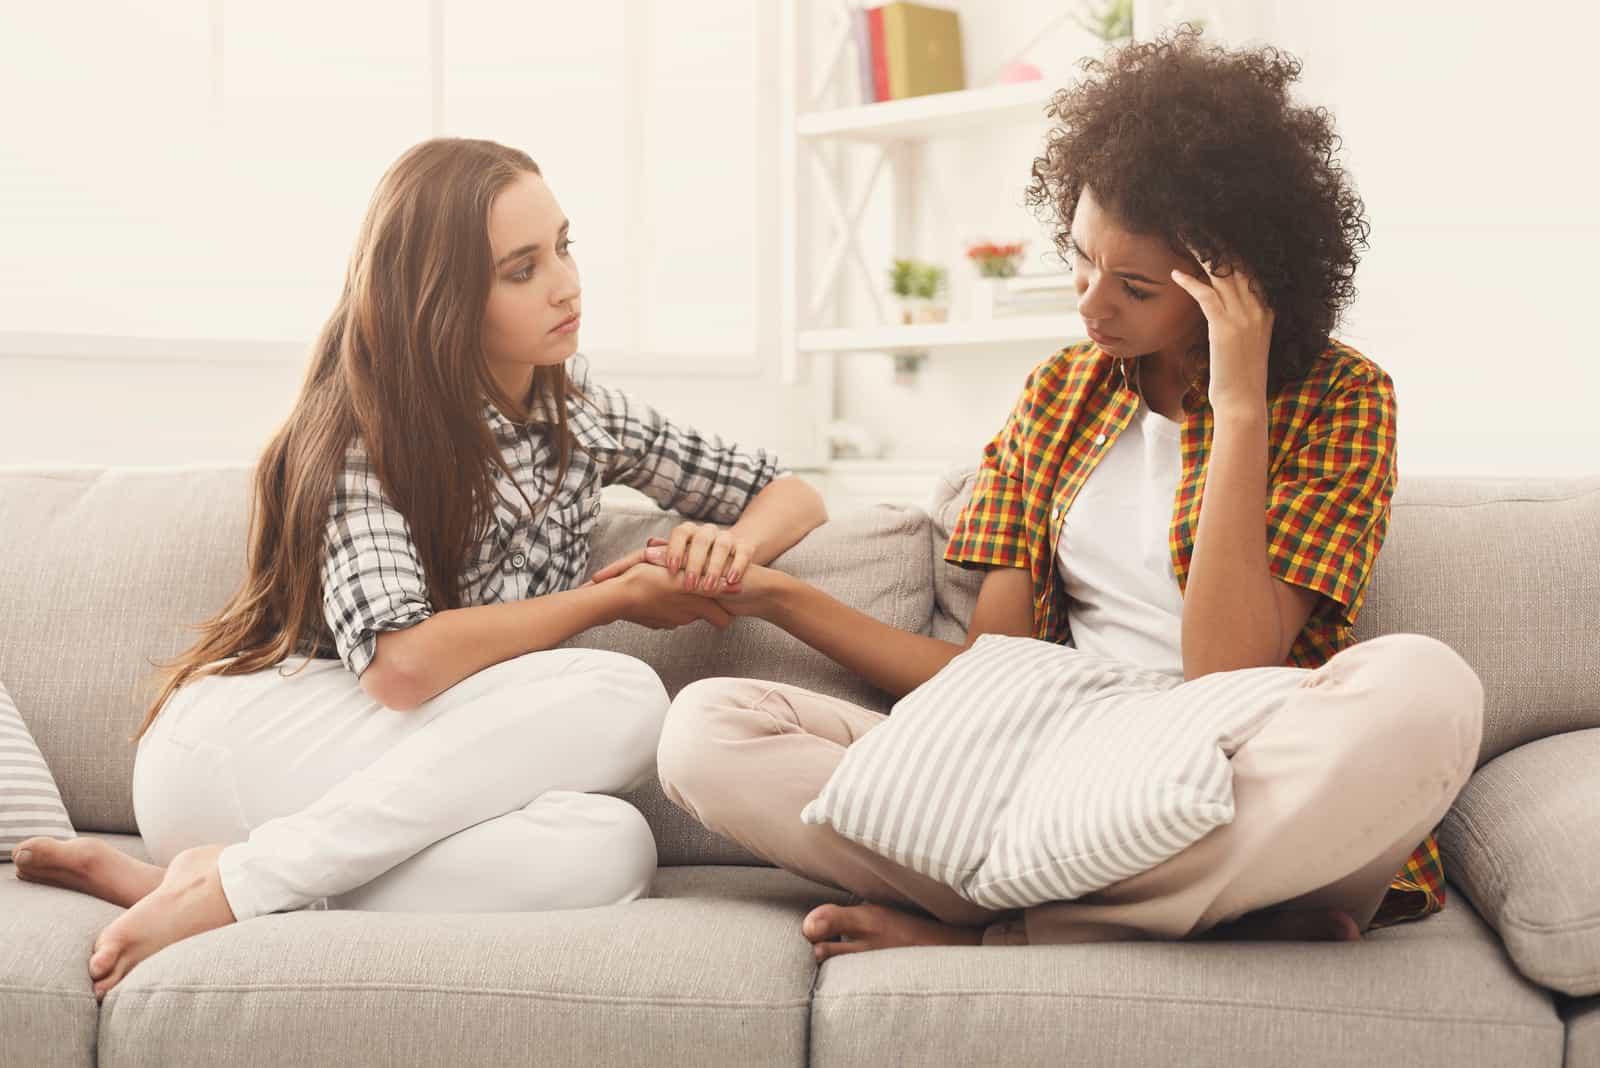 des amis s'assoient sur le canapé et parlent